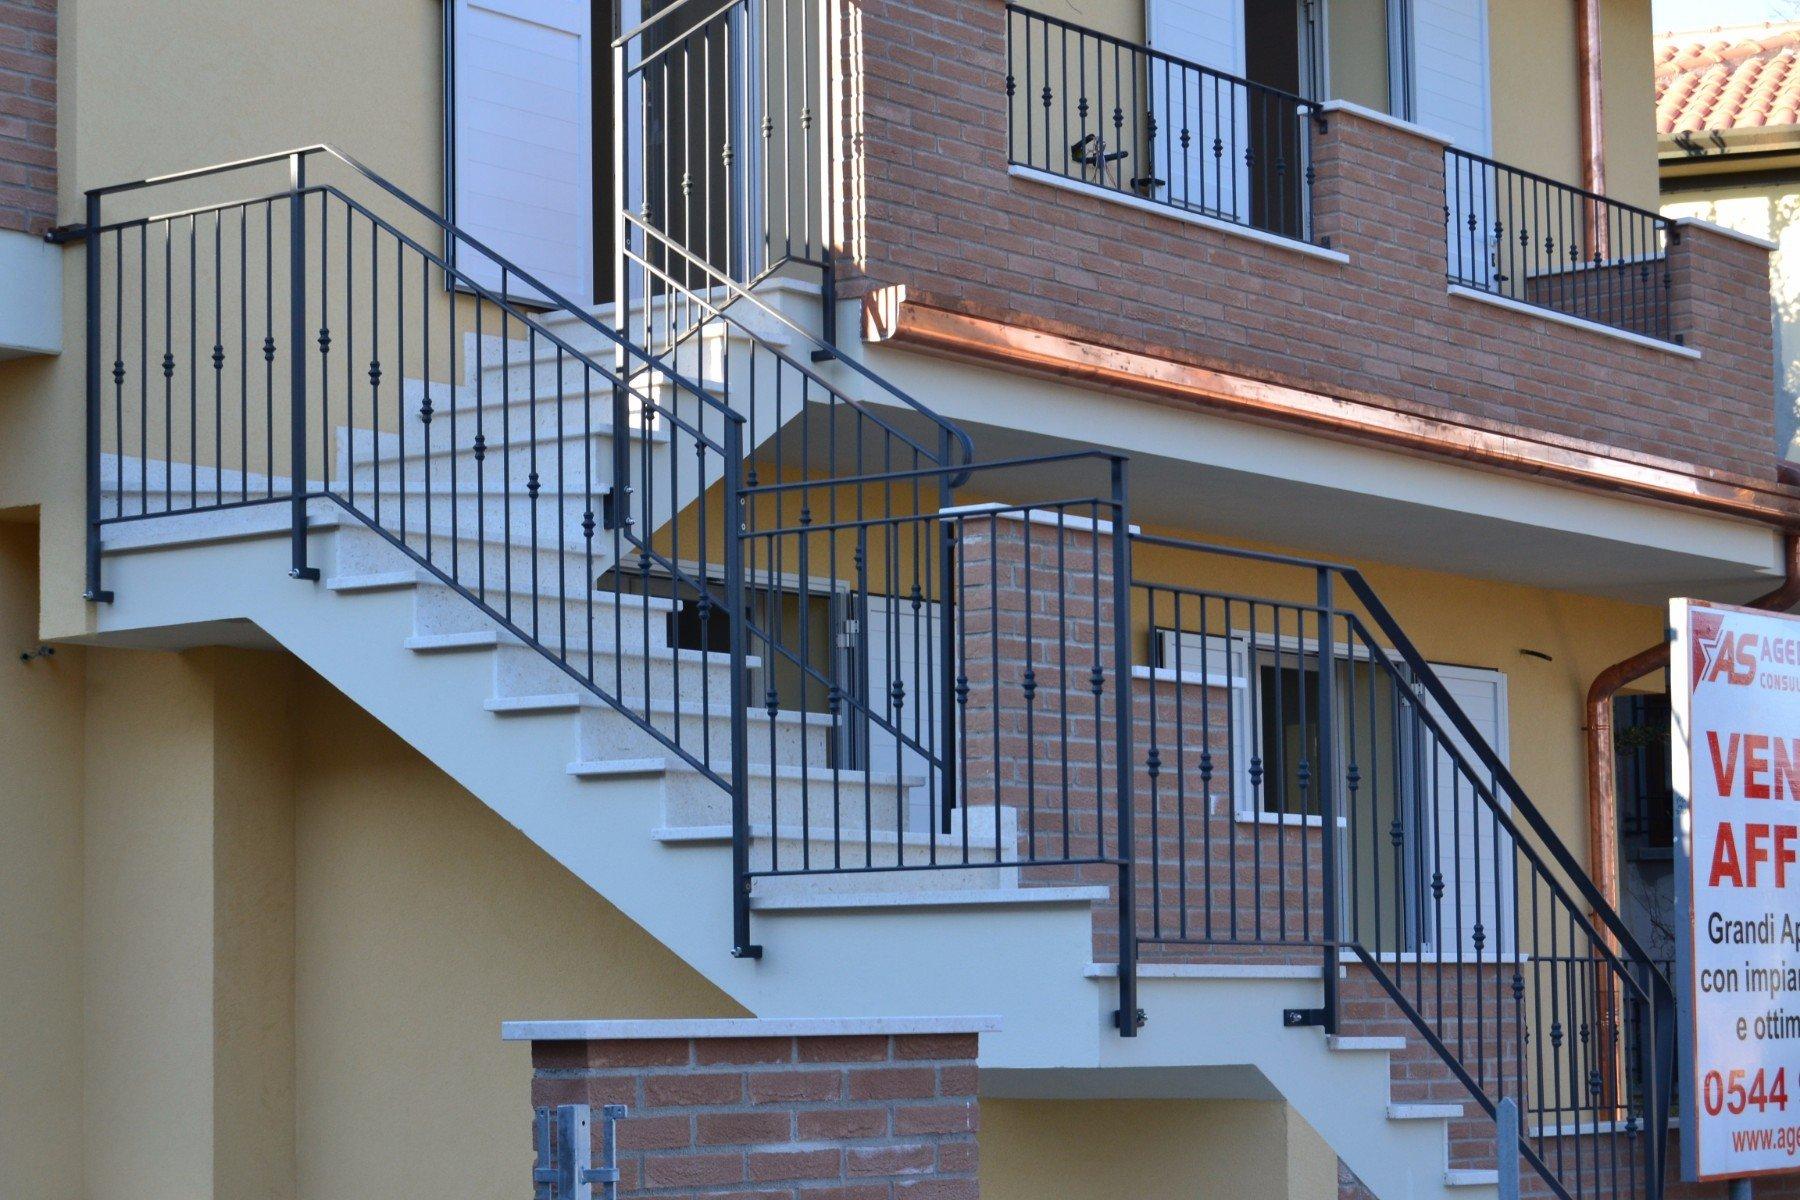 delle scale con corrimano in ferro battuto nero